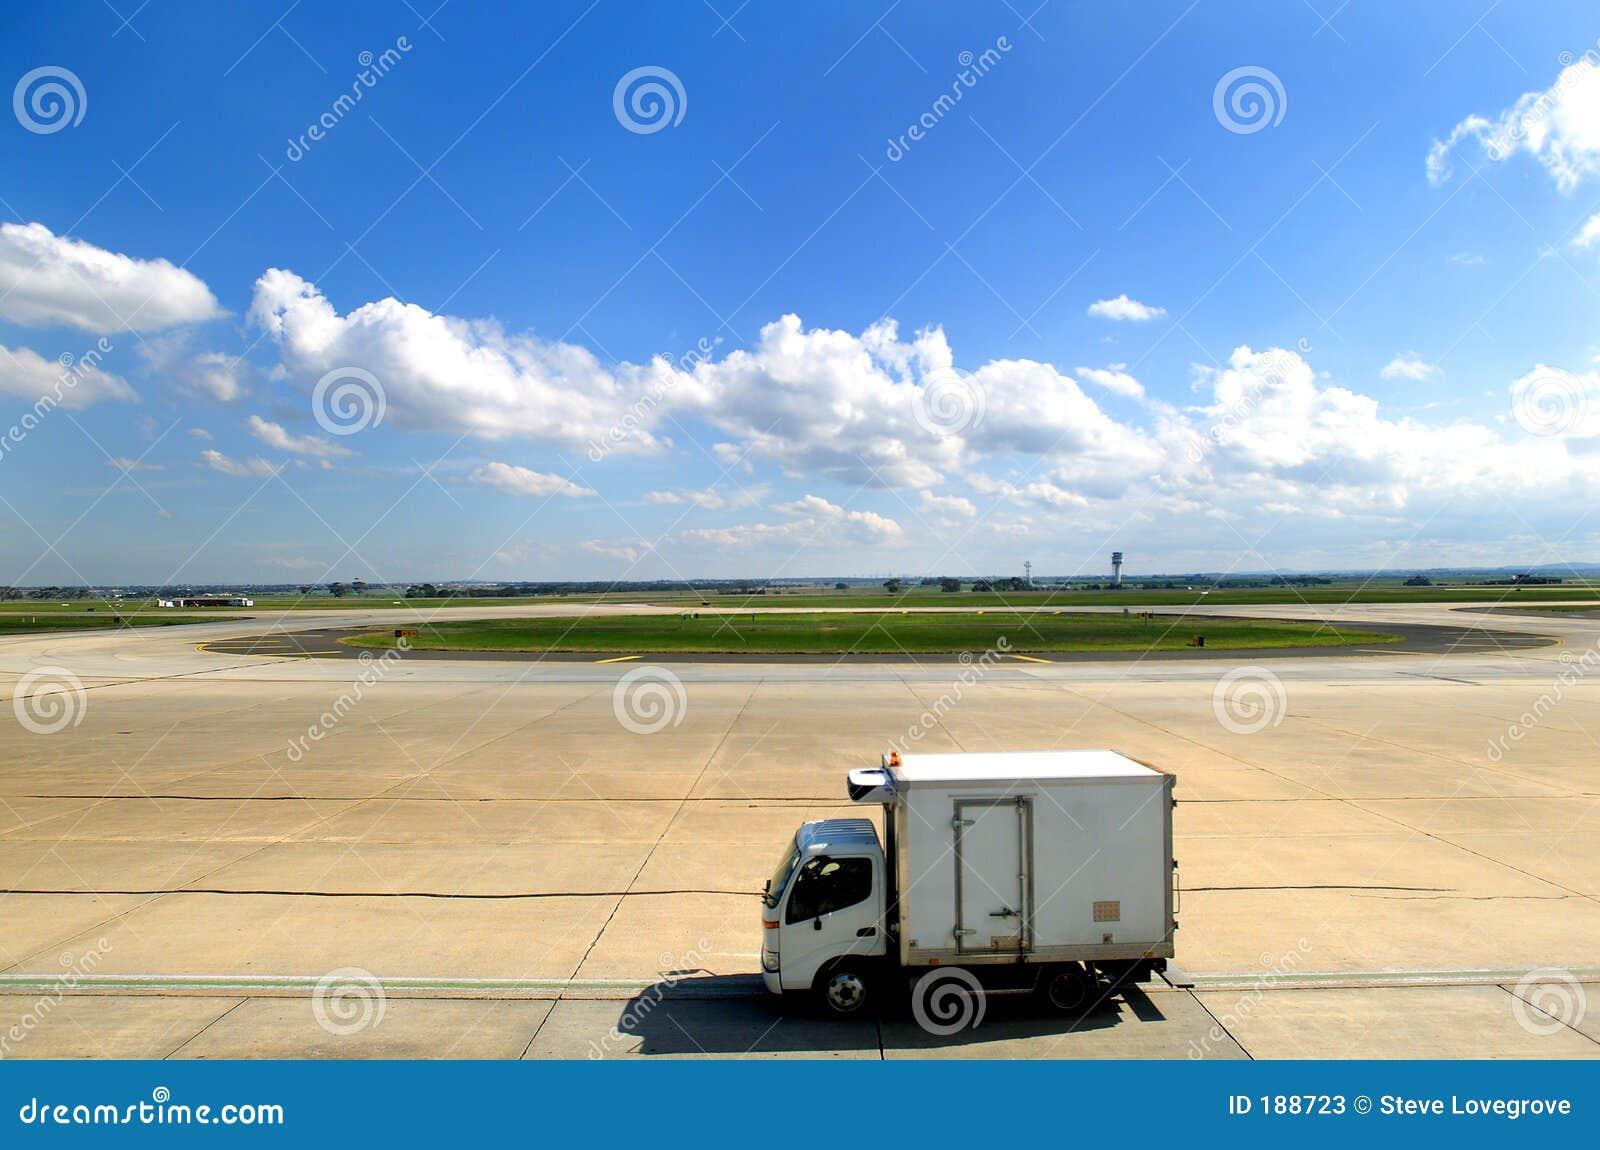 Airport Van